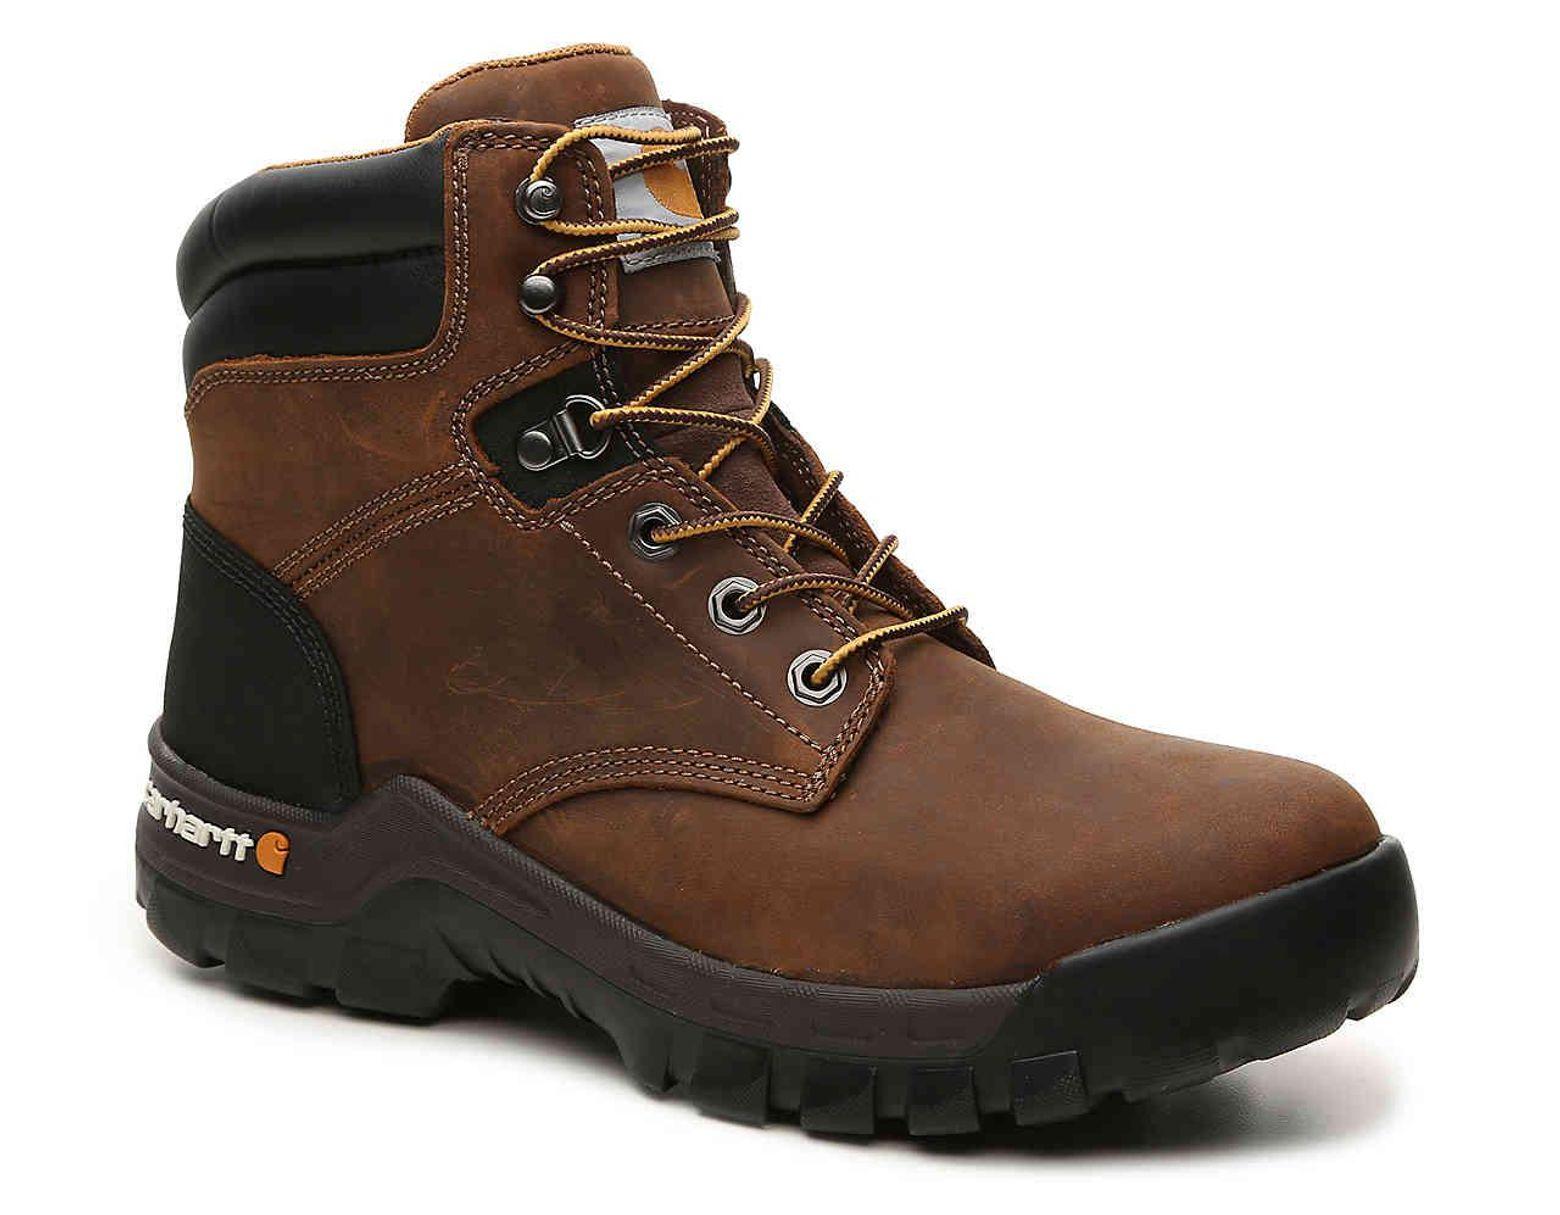 Men's Brown Rugged Flex 6 inch Work Boot